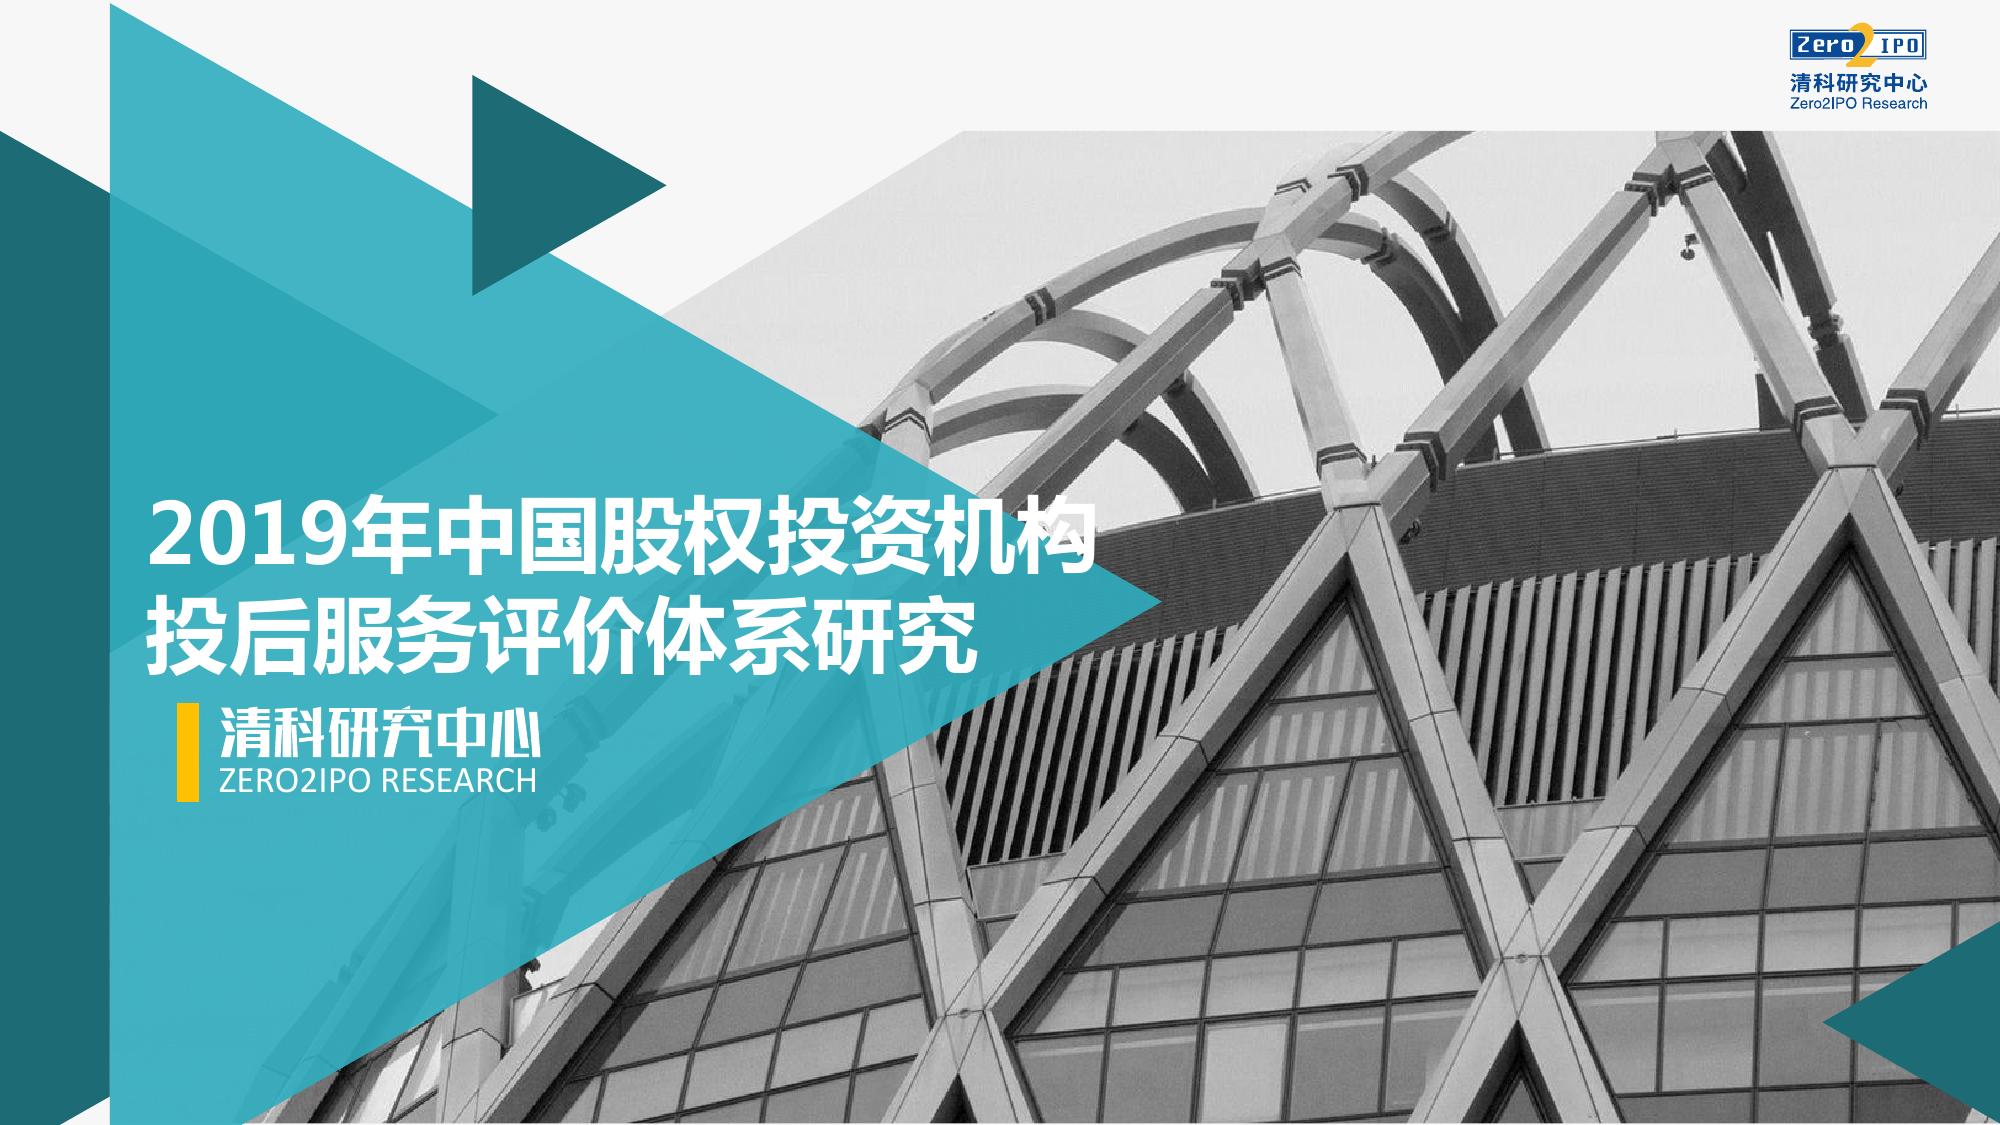 清科研究中心:2019年中国股权投资机构投后服务评价体系研究(附下载)